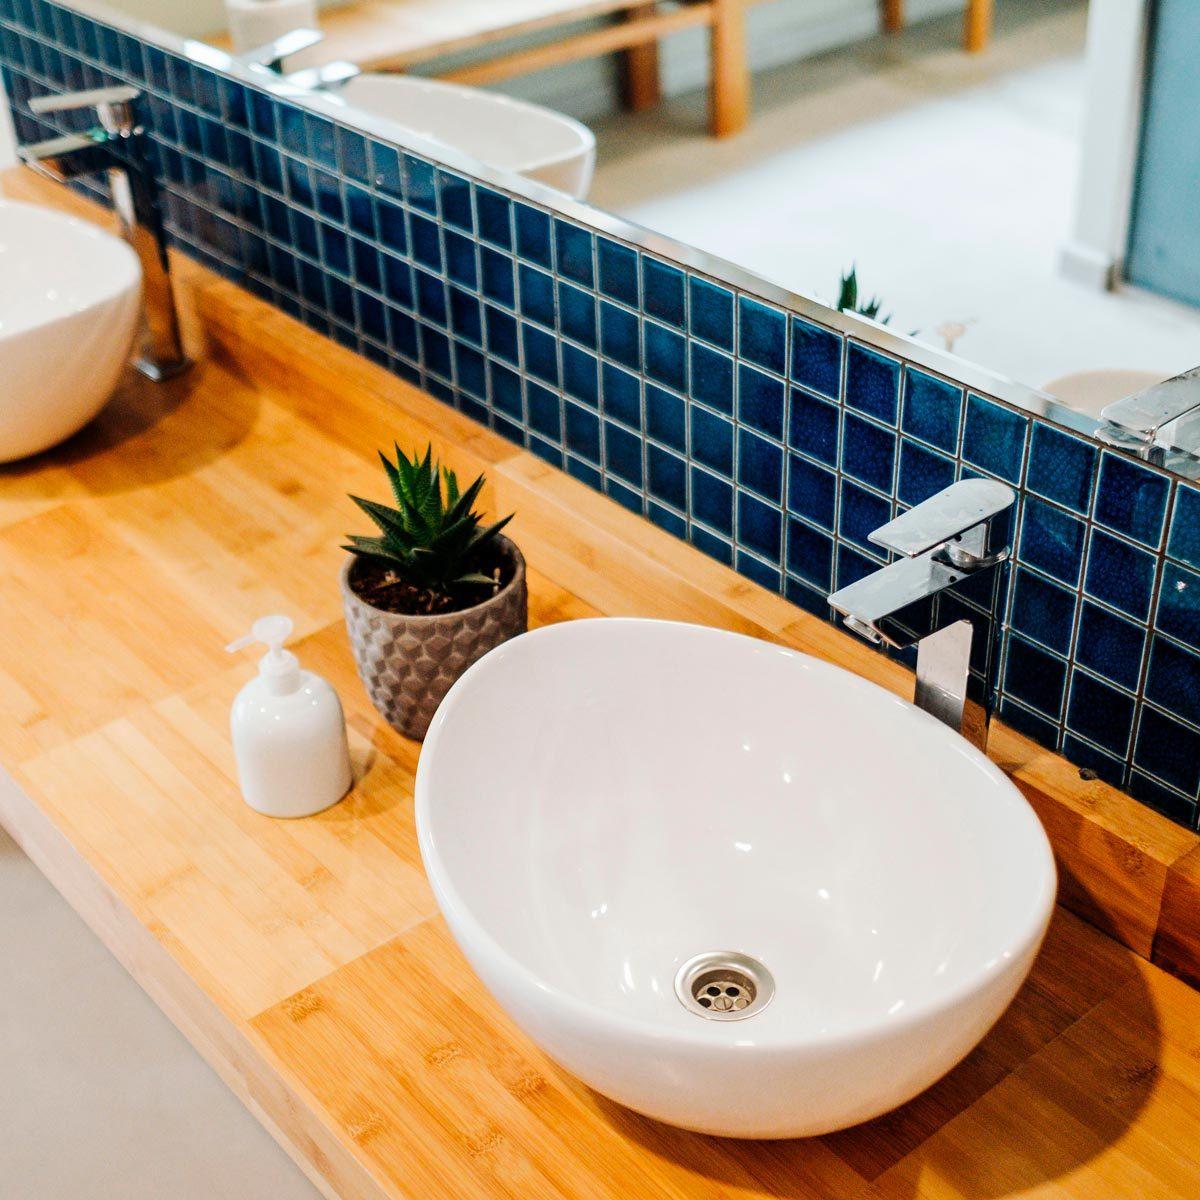 - Brilliant Bathroom Backsplash Ideas Family Handyman